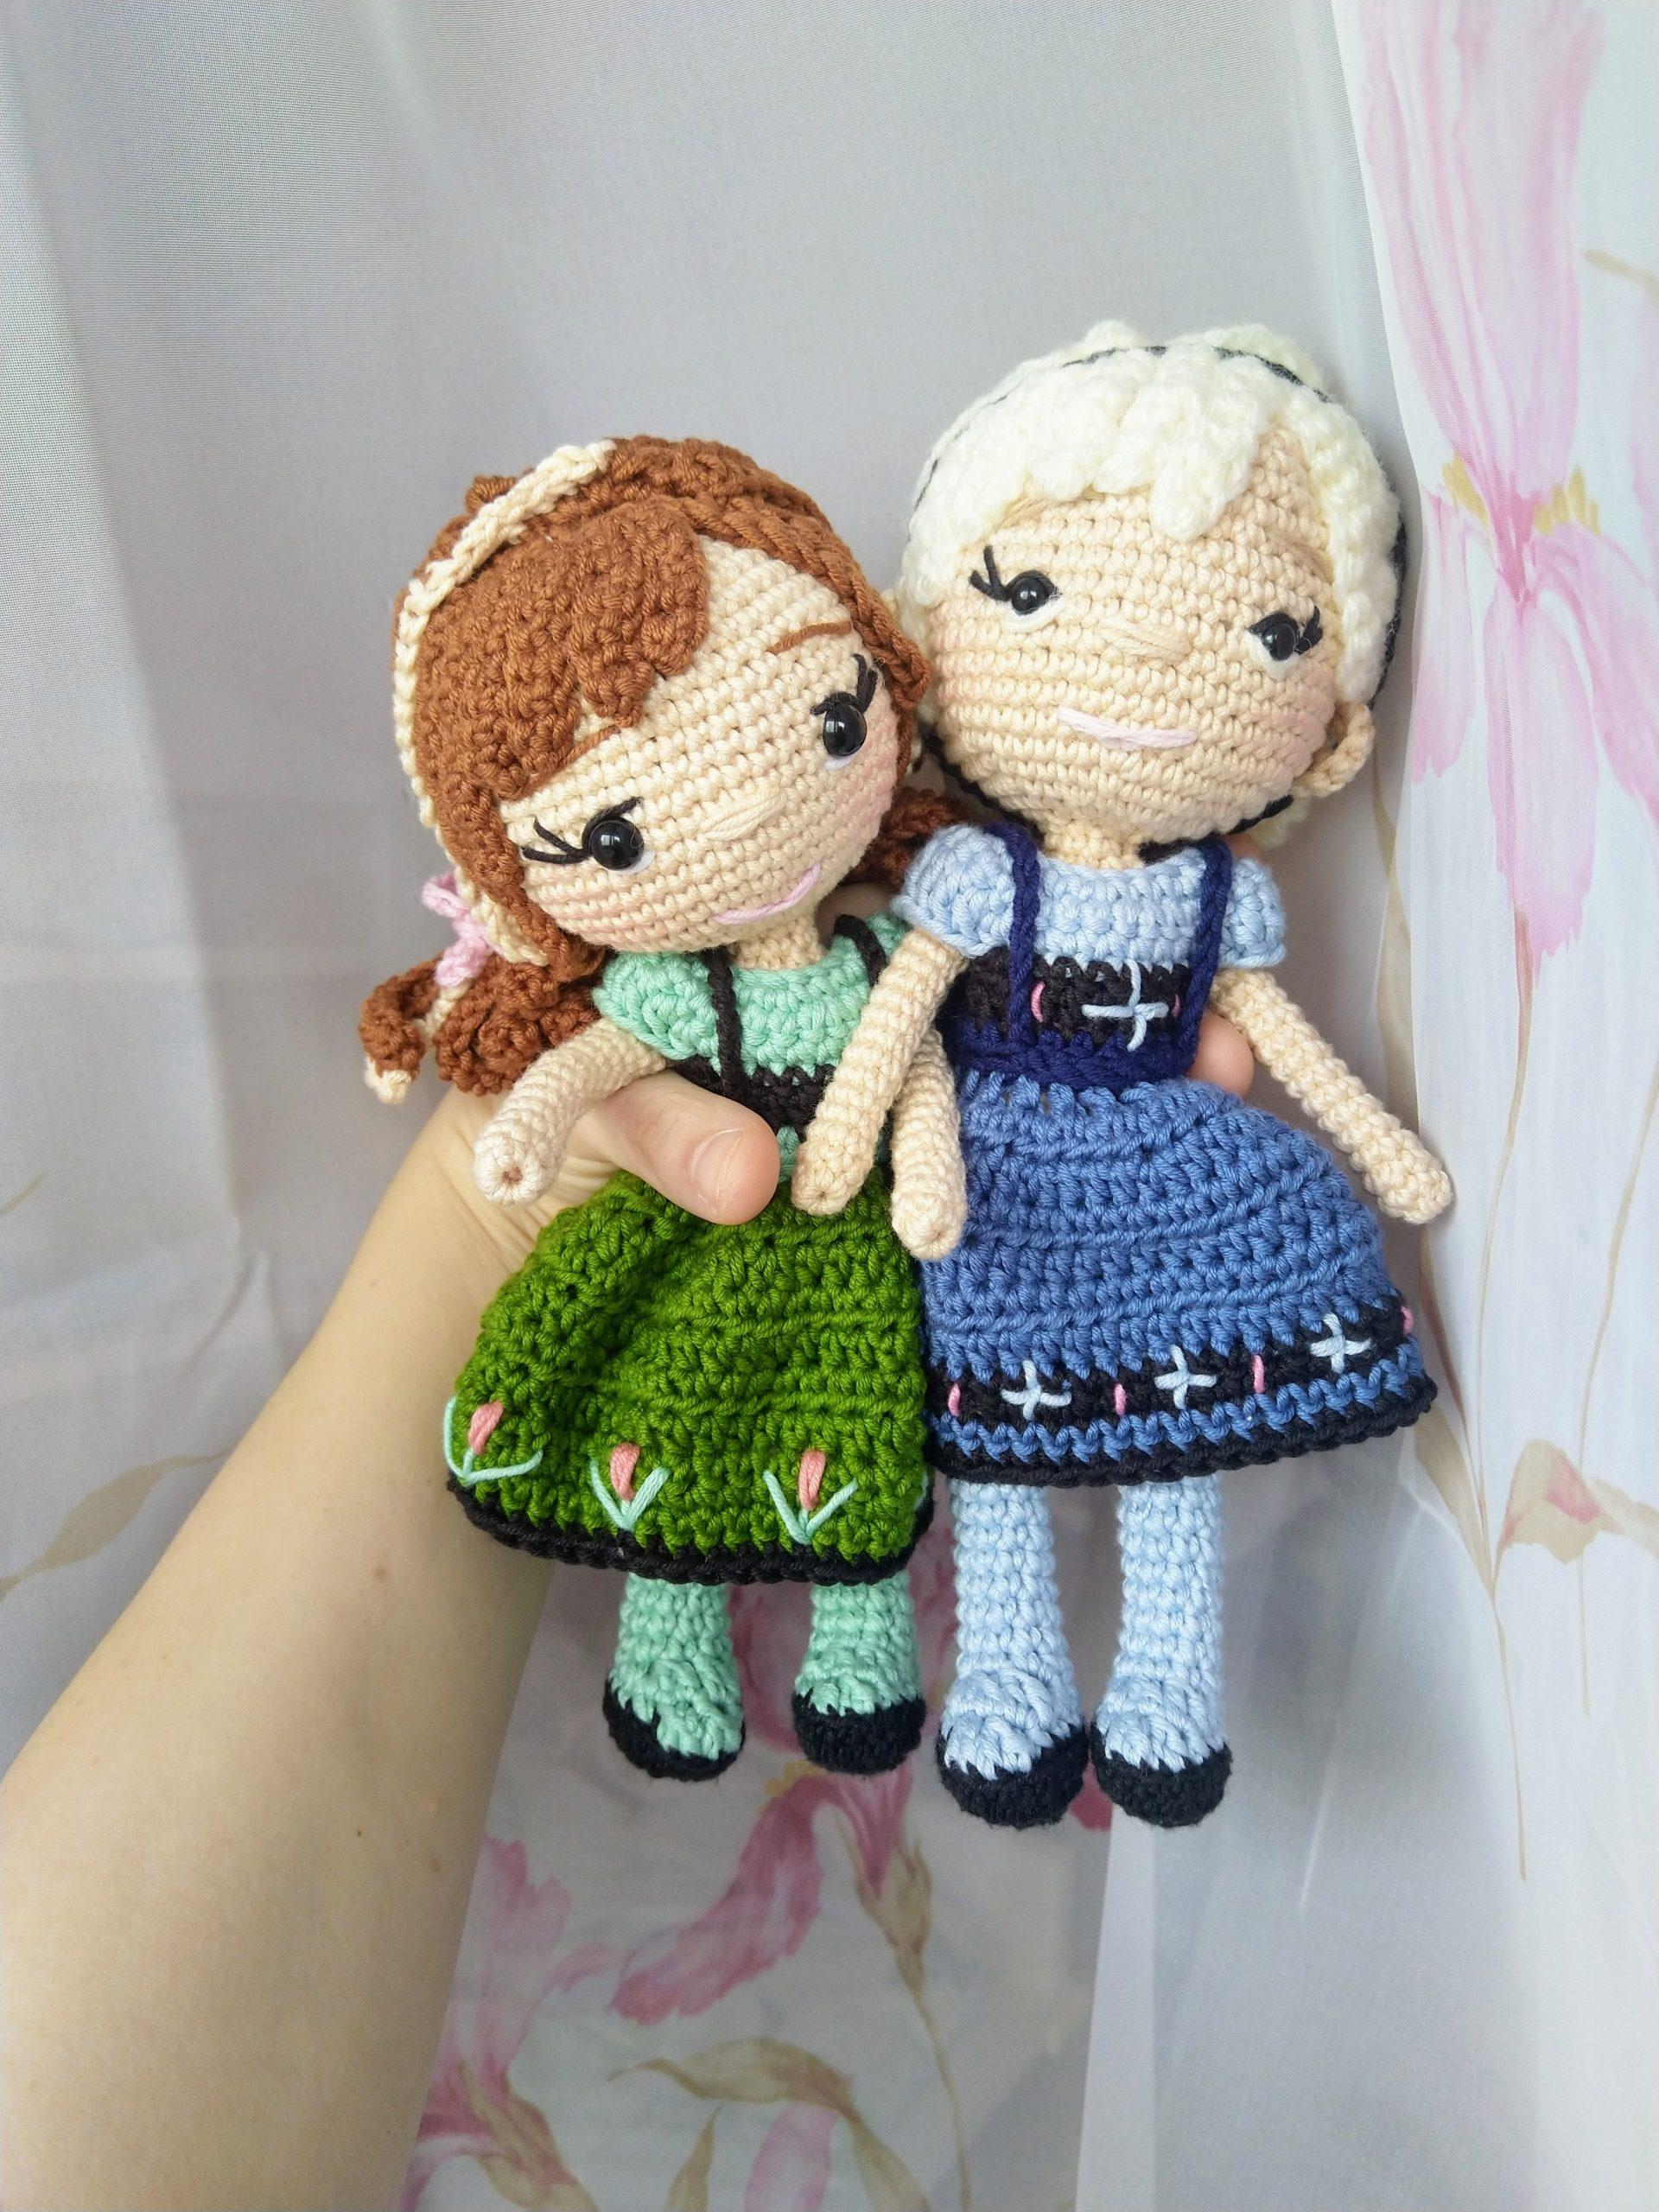 Just handmade